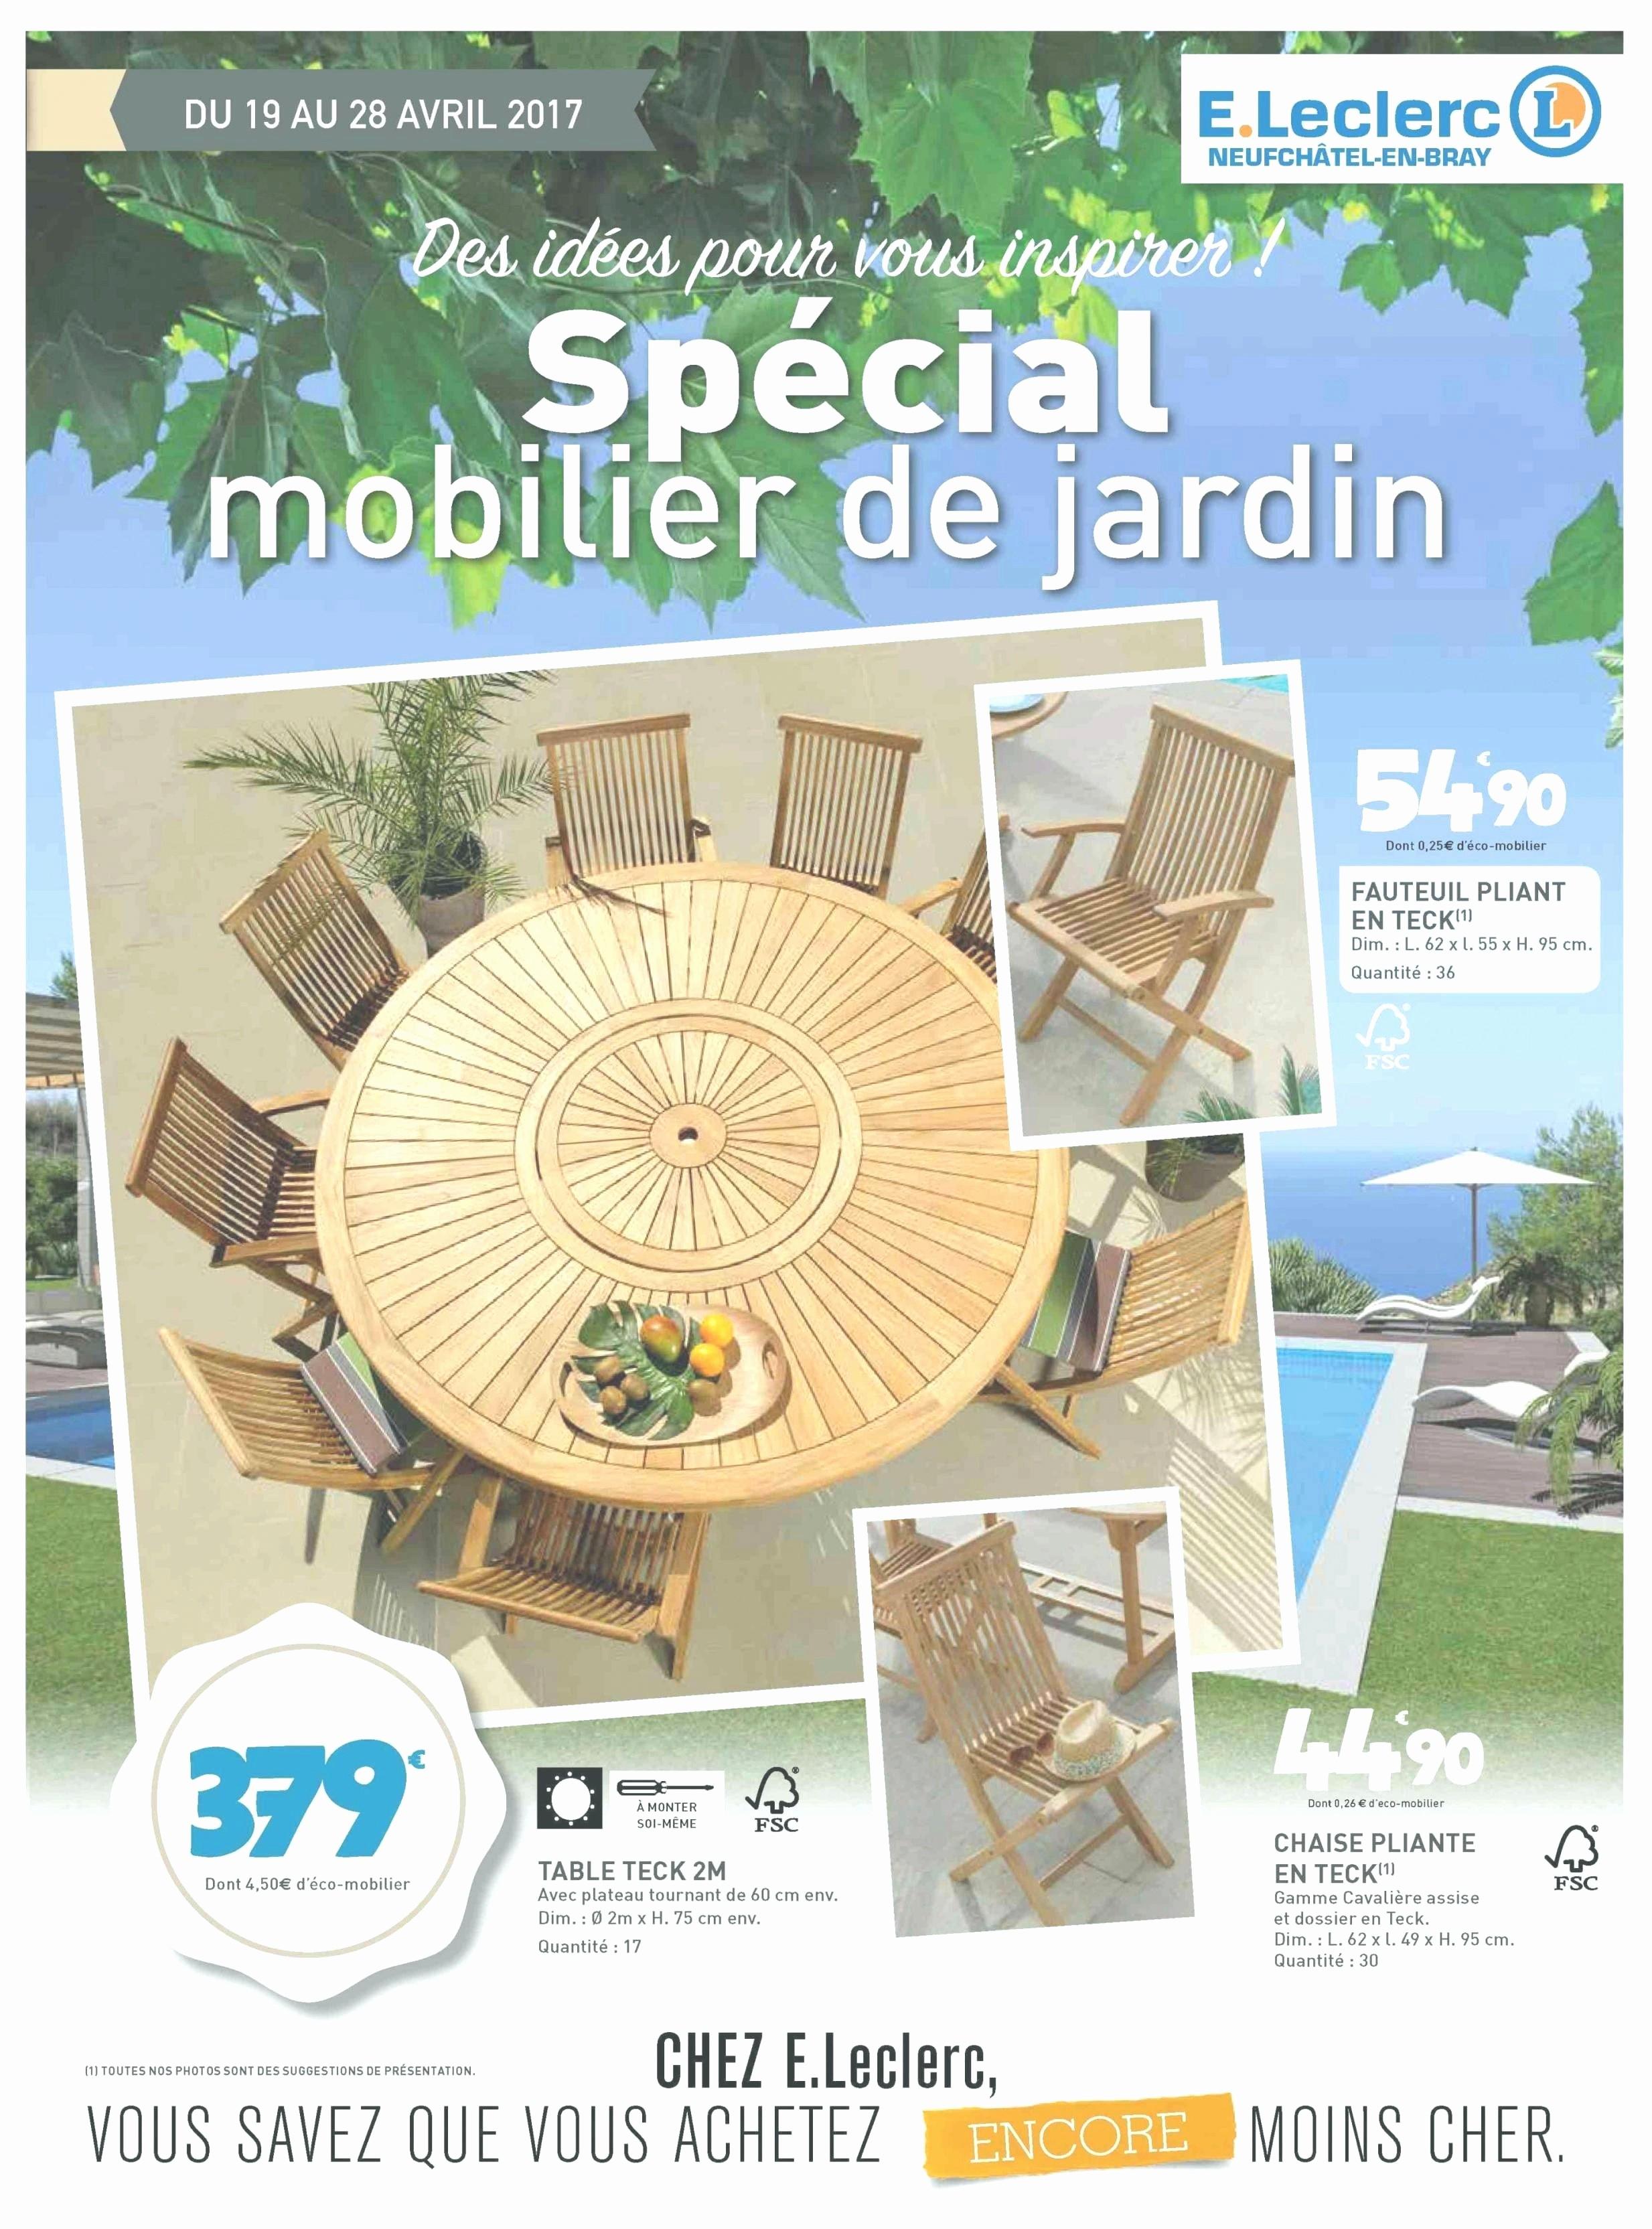 Salon Jardin Allibert Brico Depot Frais Image 71 élégant De Brico Depot Salon De Jardin 2017